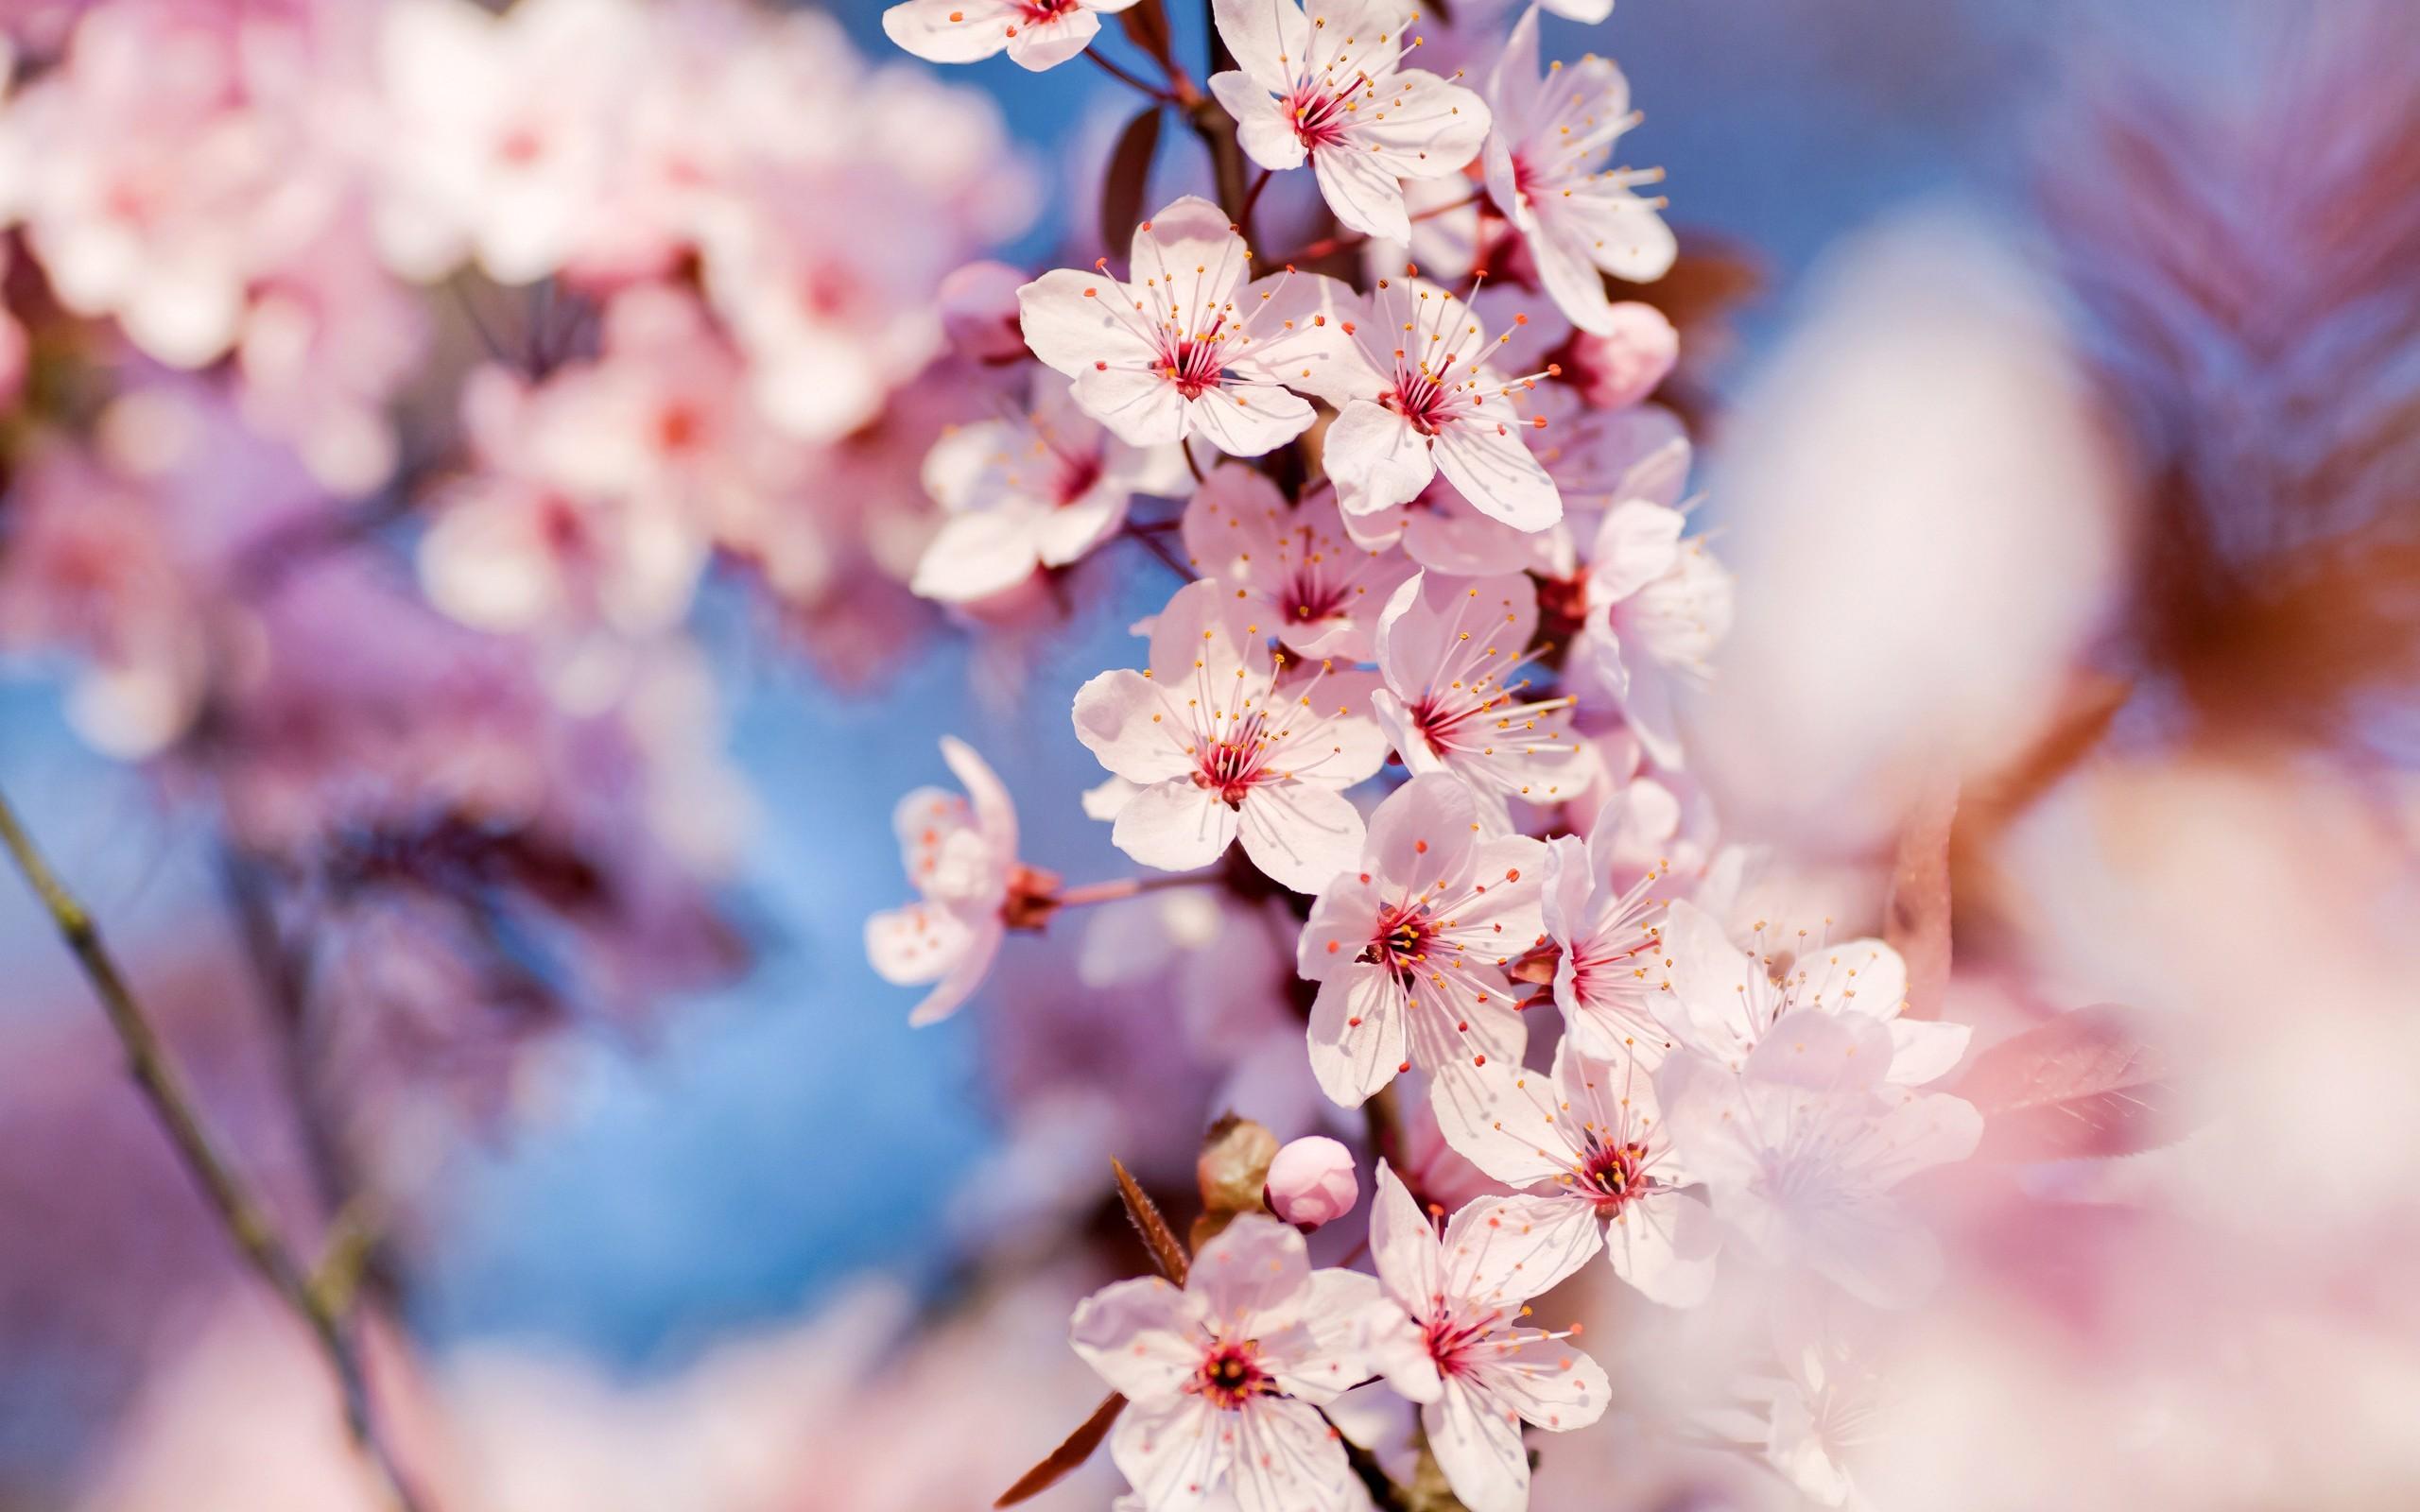 Цветущая вишня картинки большой размер